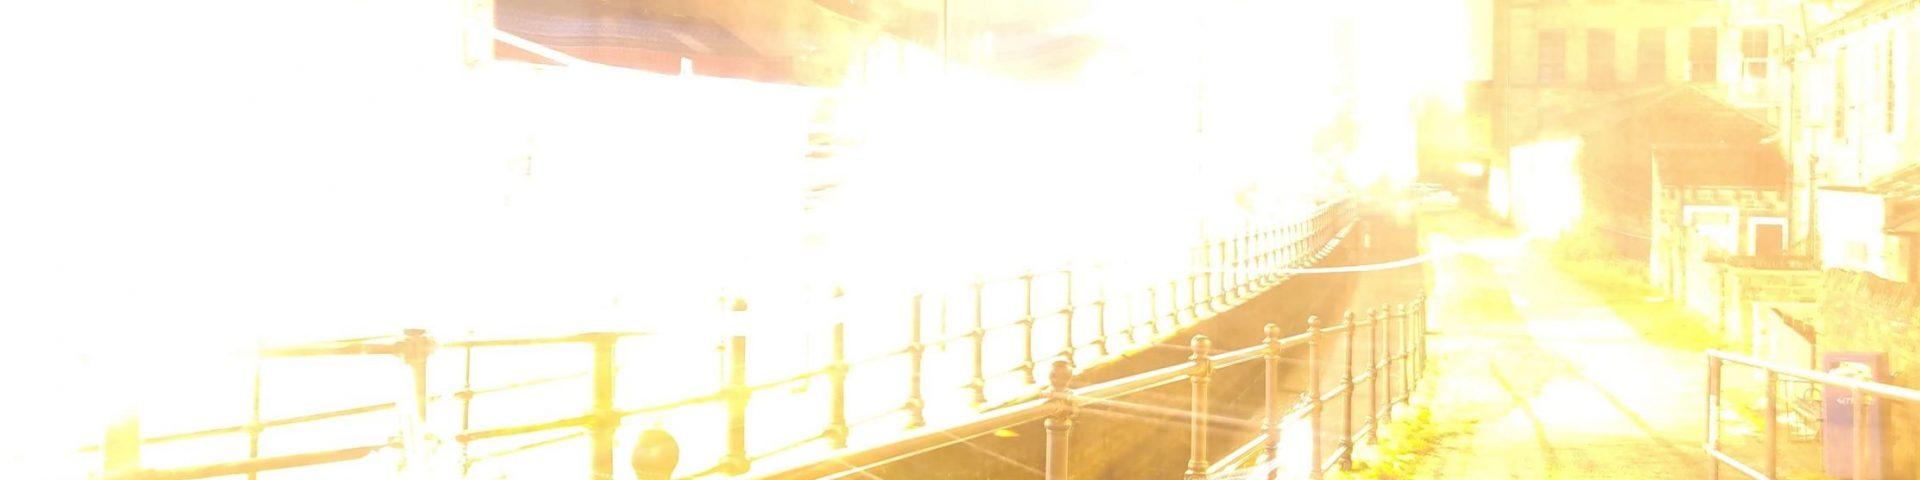 Slawit light banner